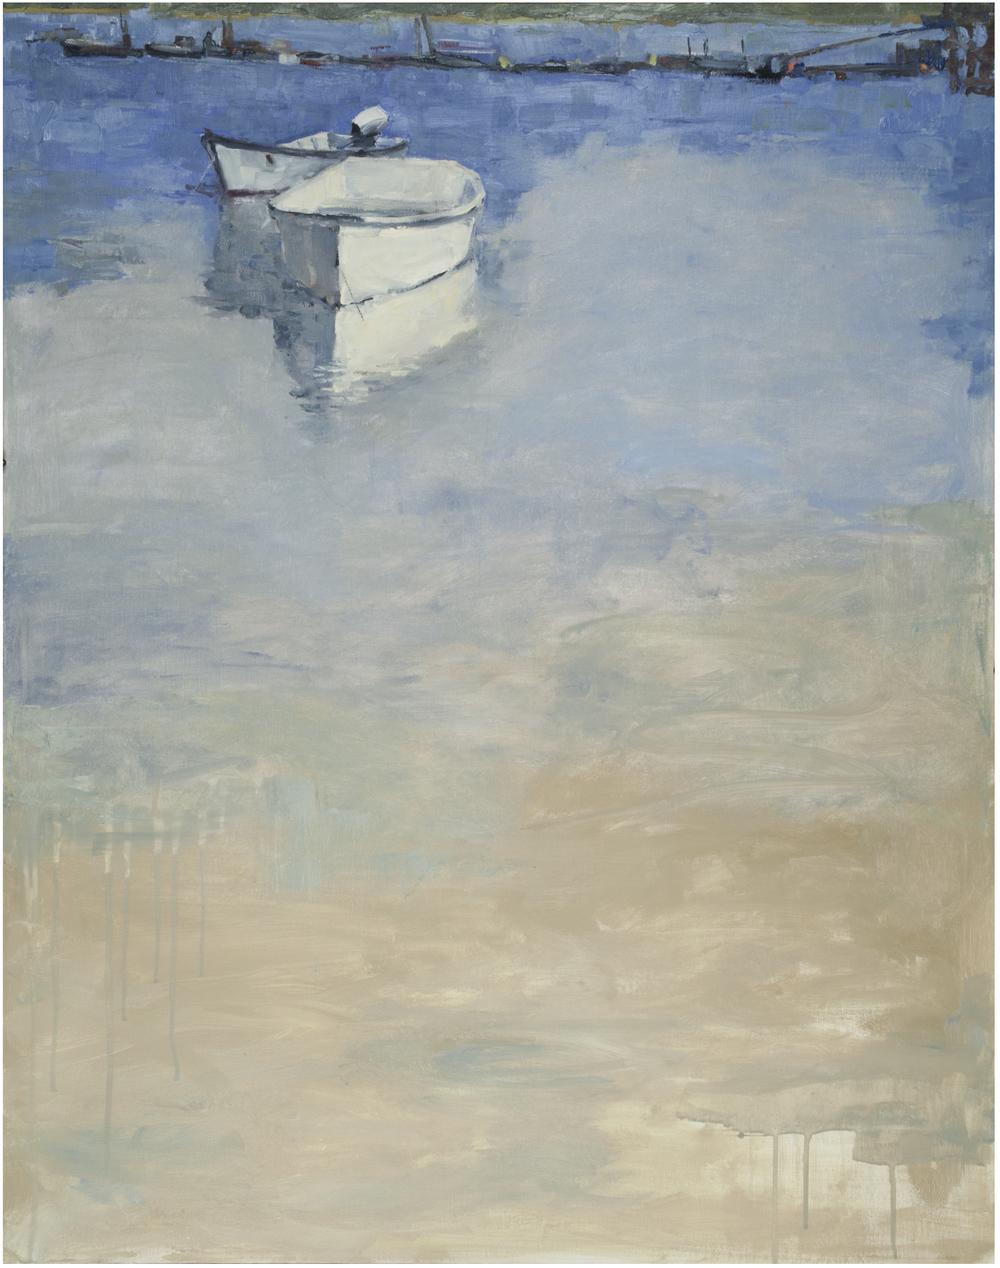 boatsoil.jpg